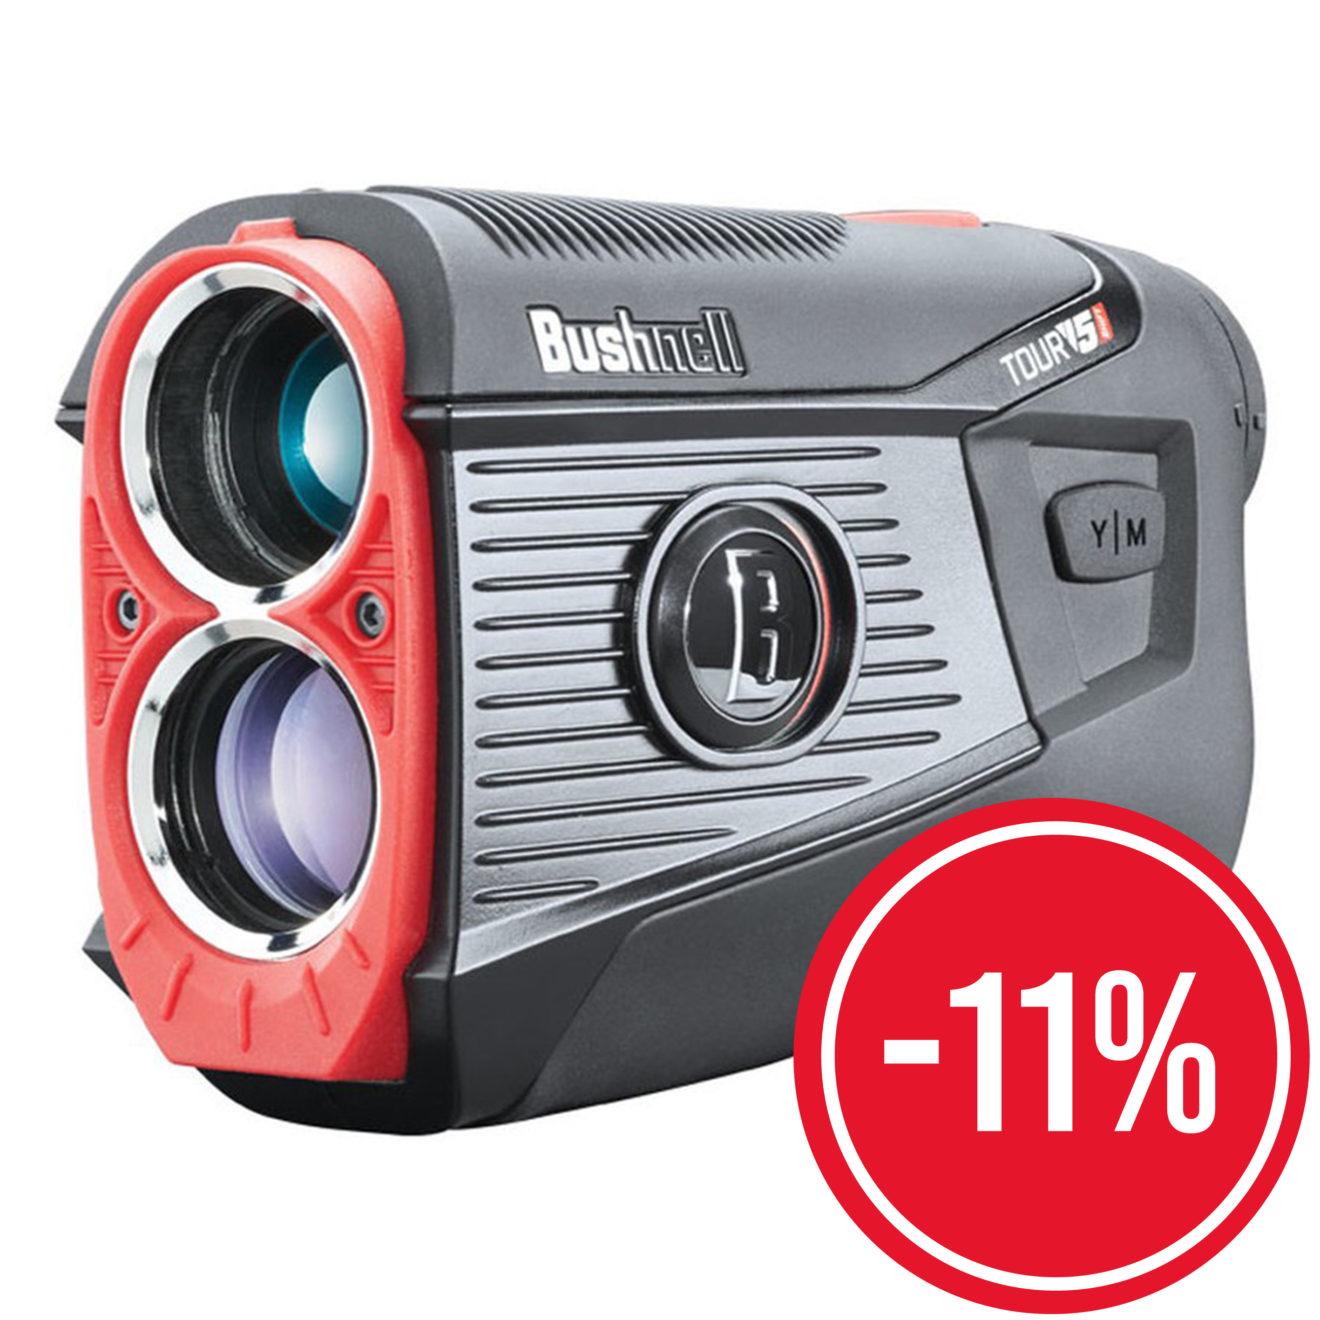 telemetre-bushnell-11%